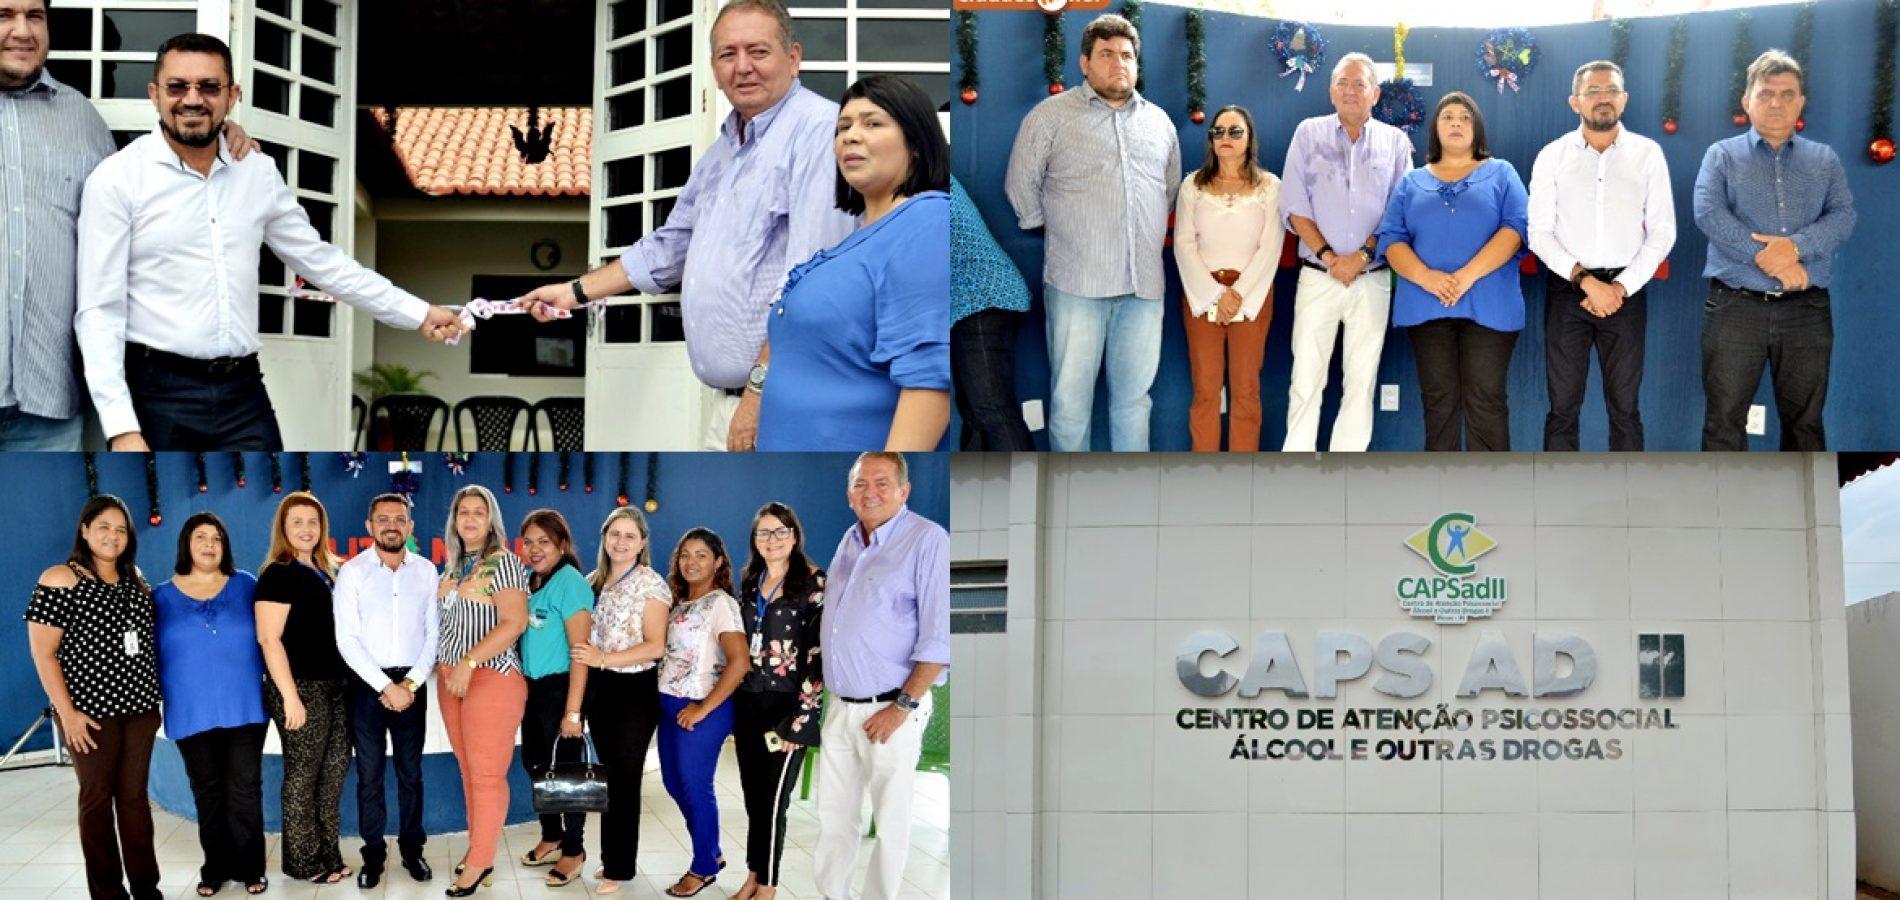 PICOS 128 ANOS | Secretaria de Saúde inaugura nova sede do CAPS AD